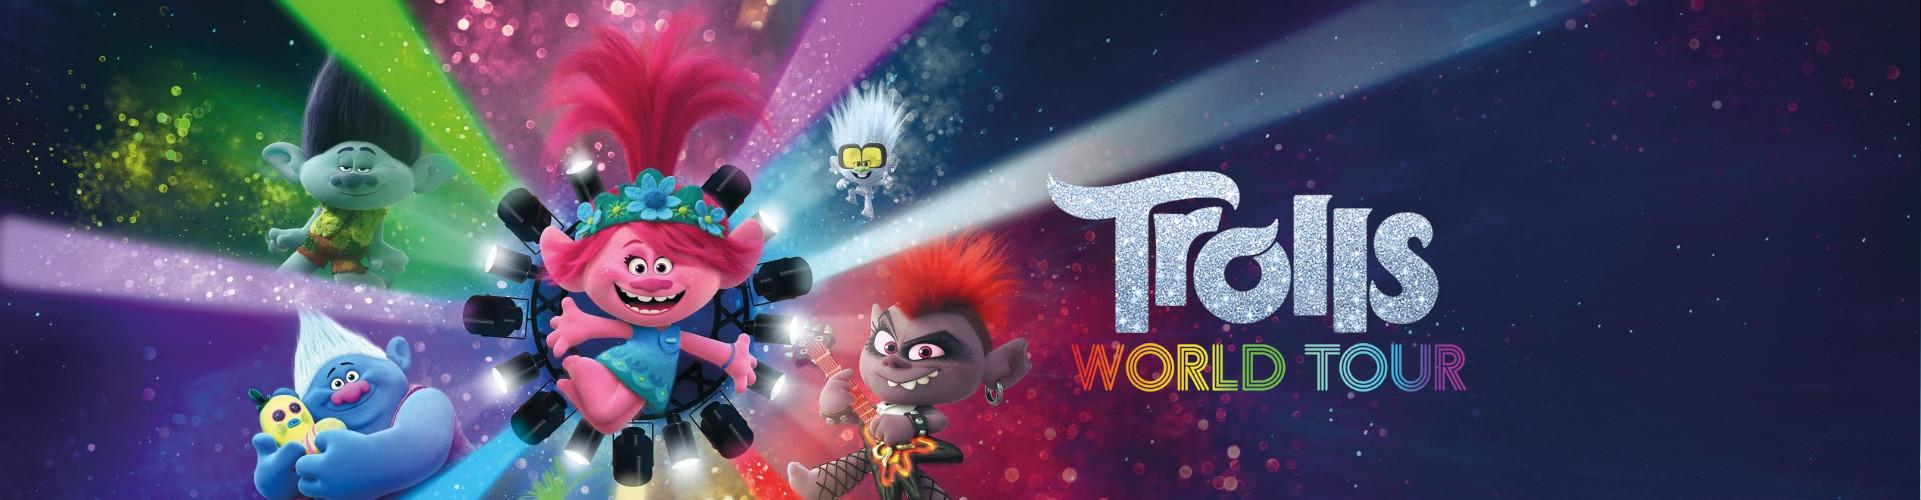 TROLLS WORLD